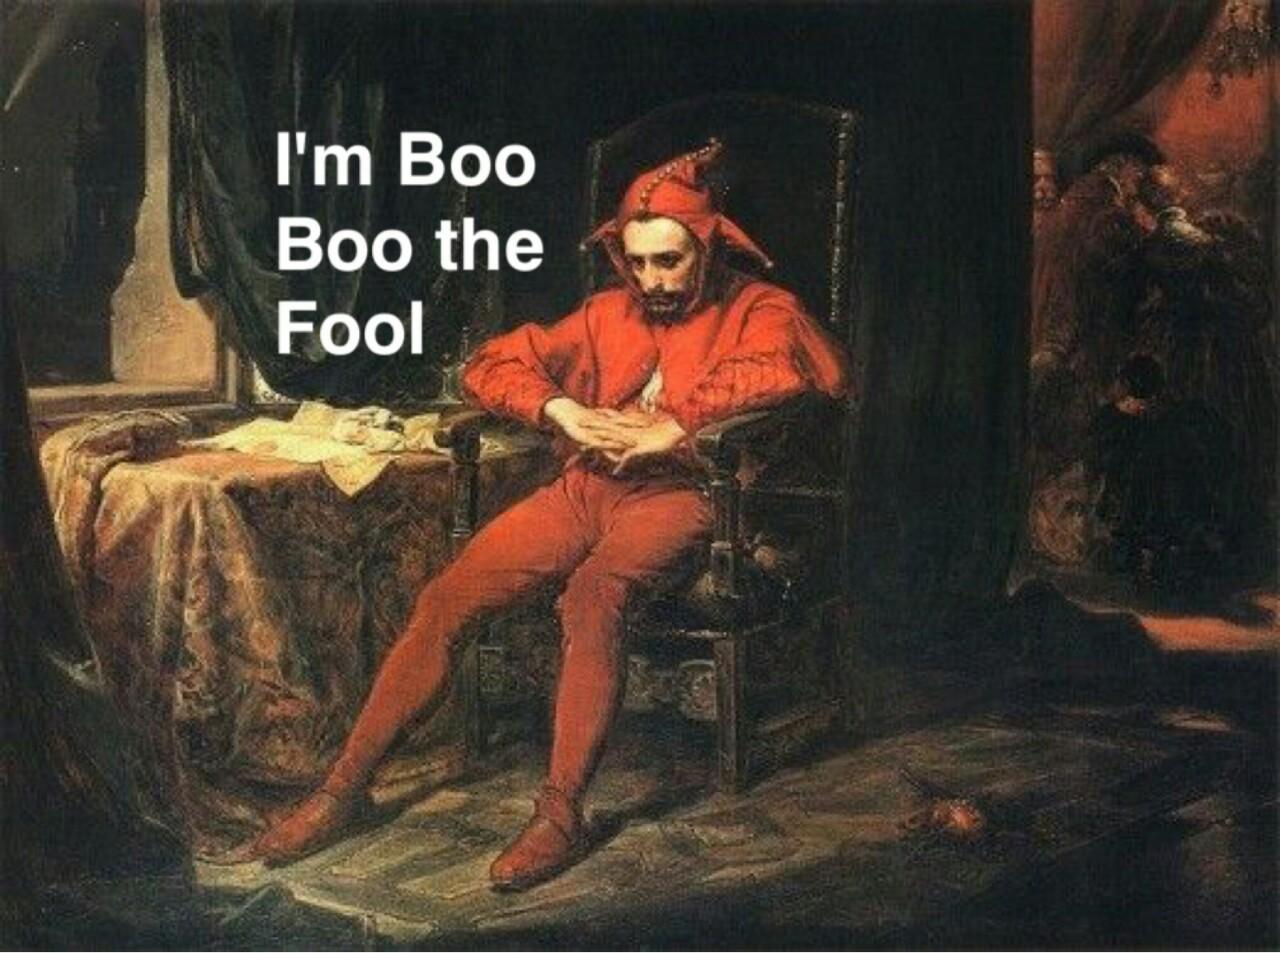 Boo Boo the Fool Meme Explained